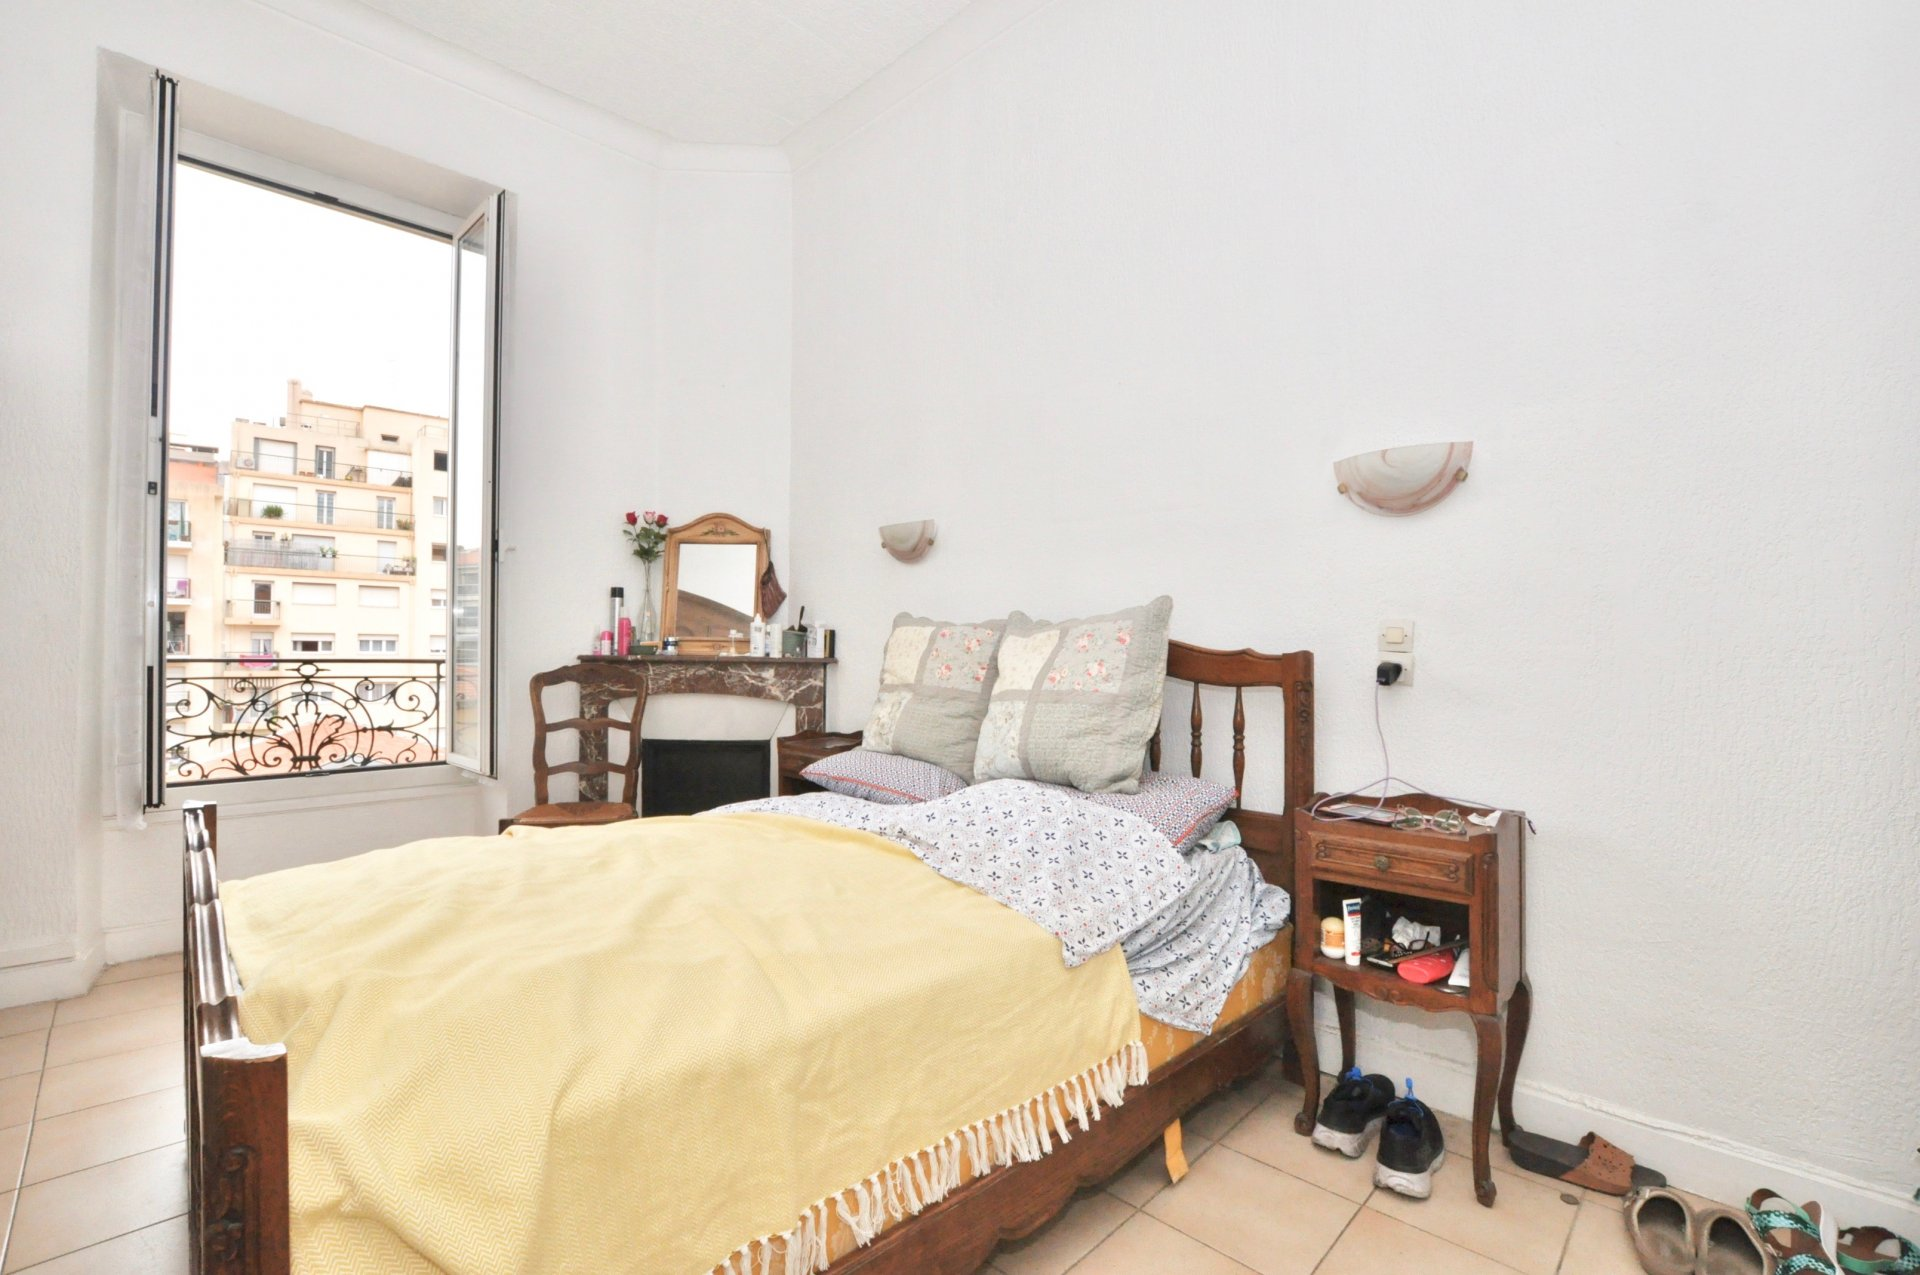 Verkauf Wohnung - Nizza (Nice) Riquier